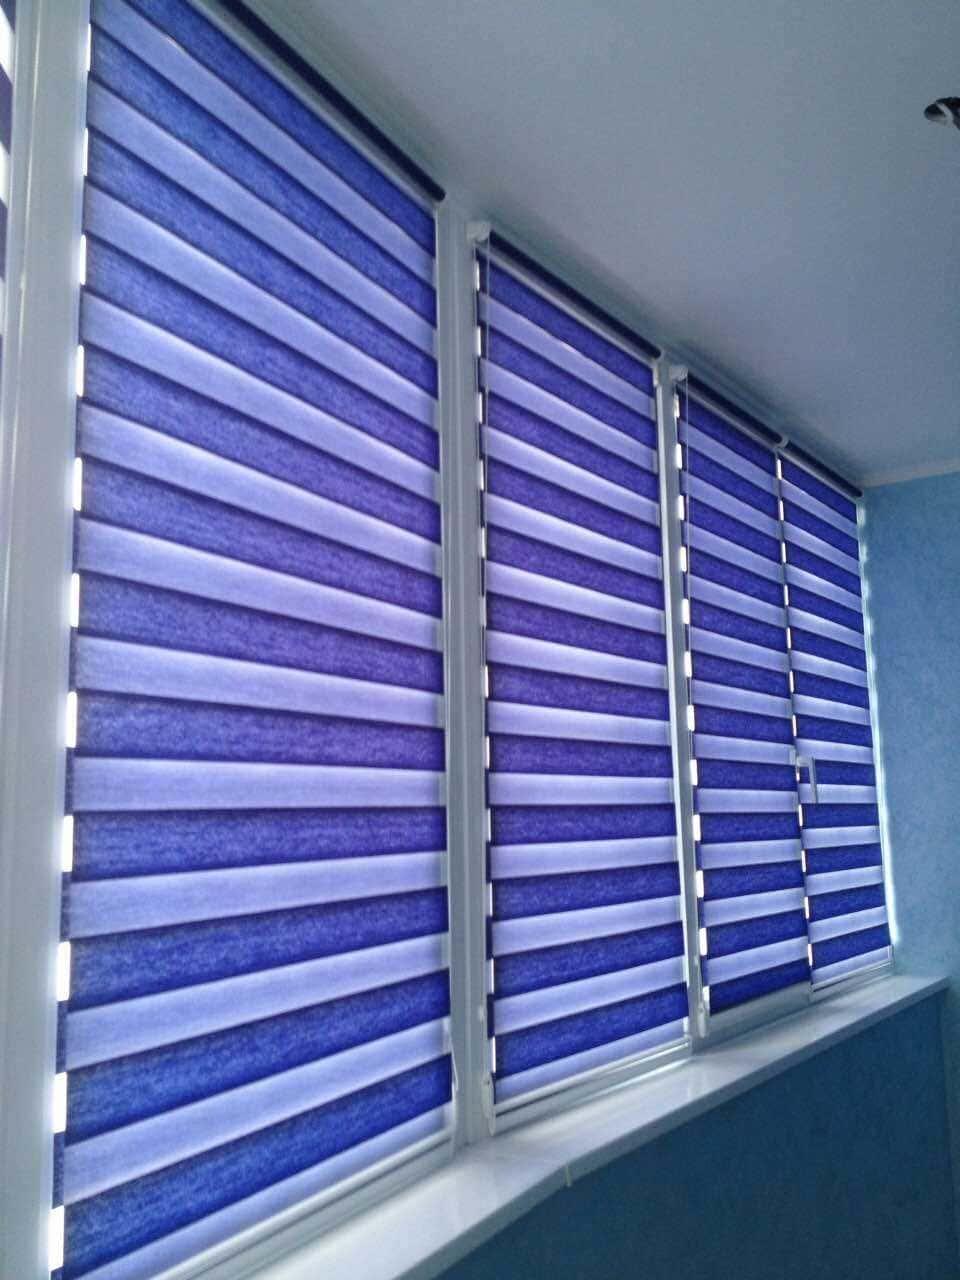 Рулонные шторы - плюсы и минусы установки, выбор материалов 026